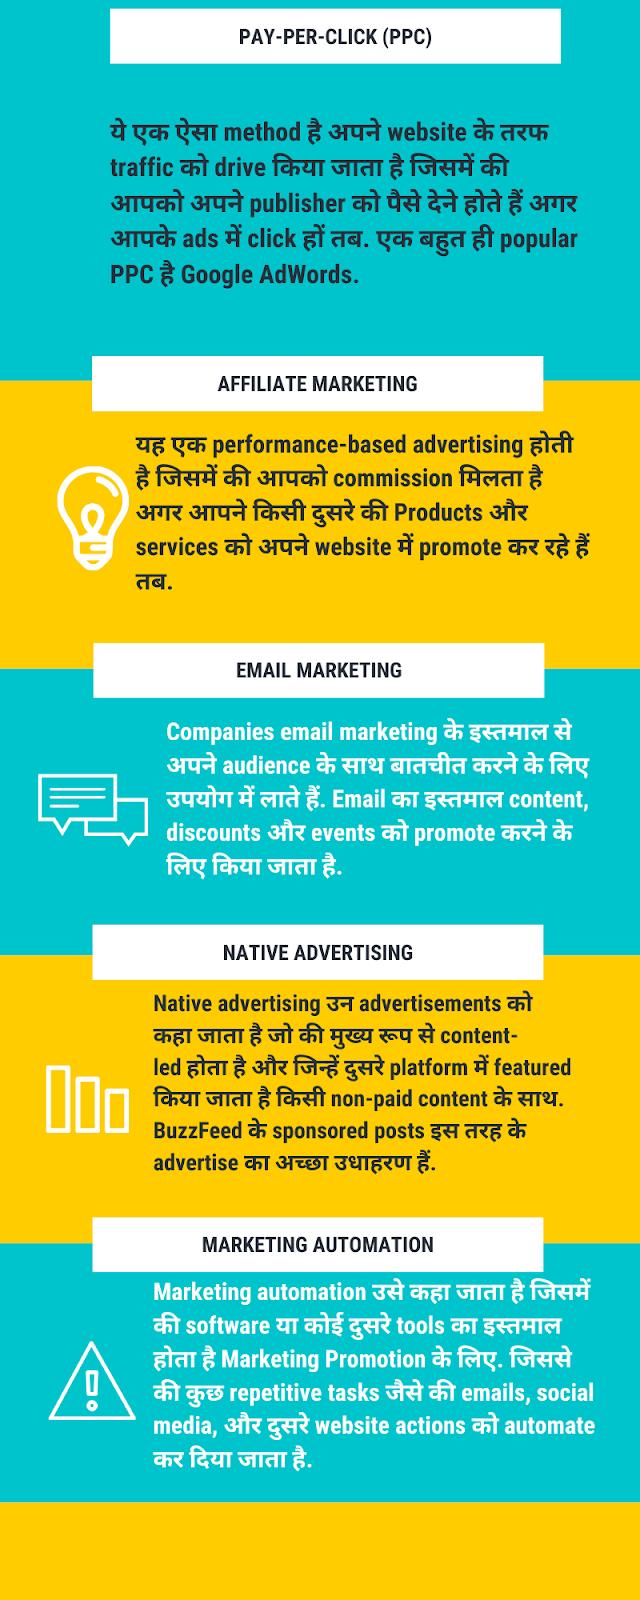 डिजिटल मार्केटिंग क्या है